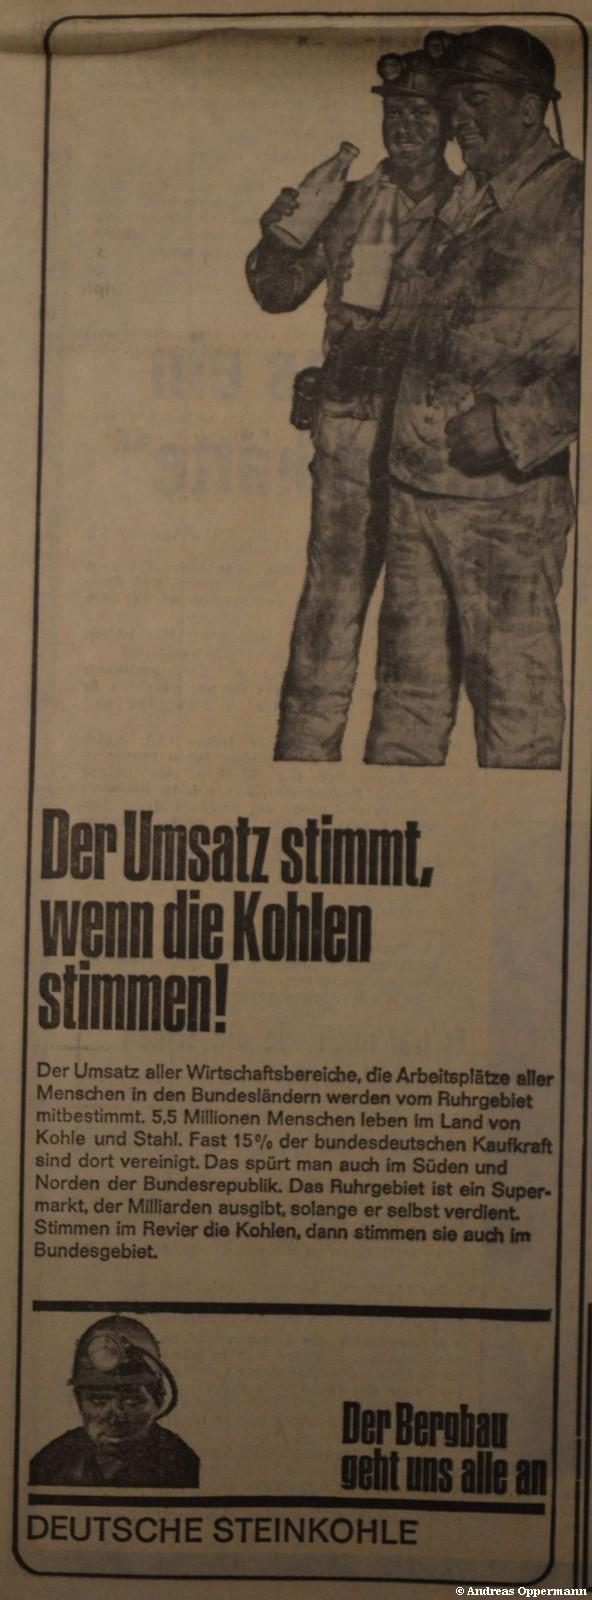 """Anzeige für die Deutsche Steinkohle in der """"Bild"""" vom 20. April 1967"""